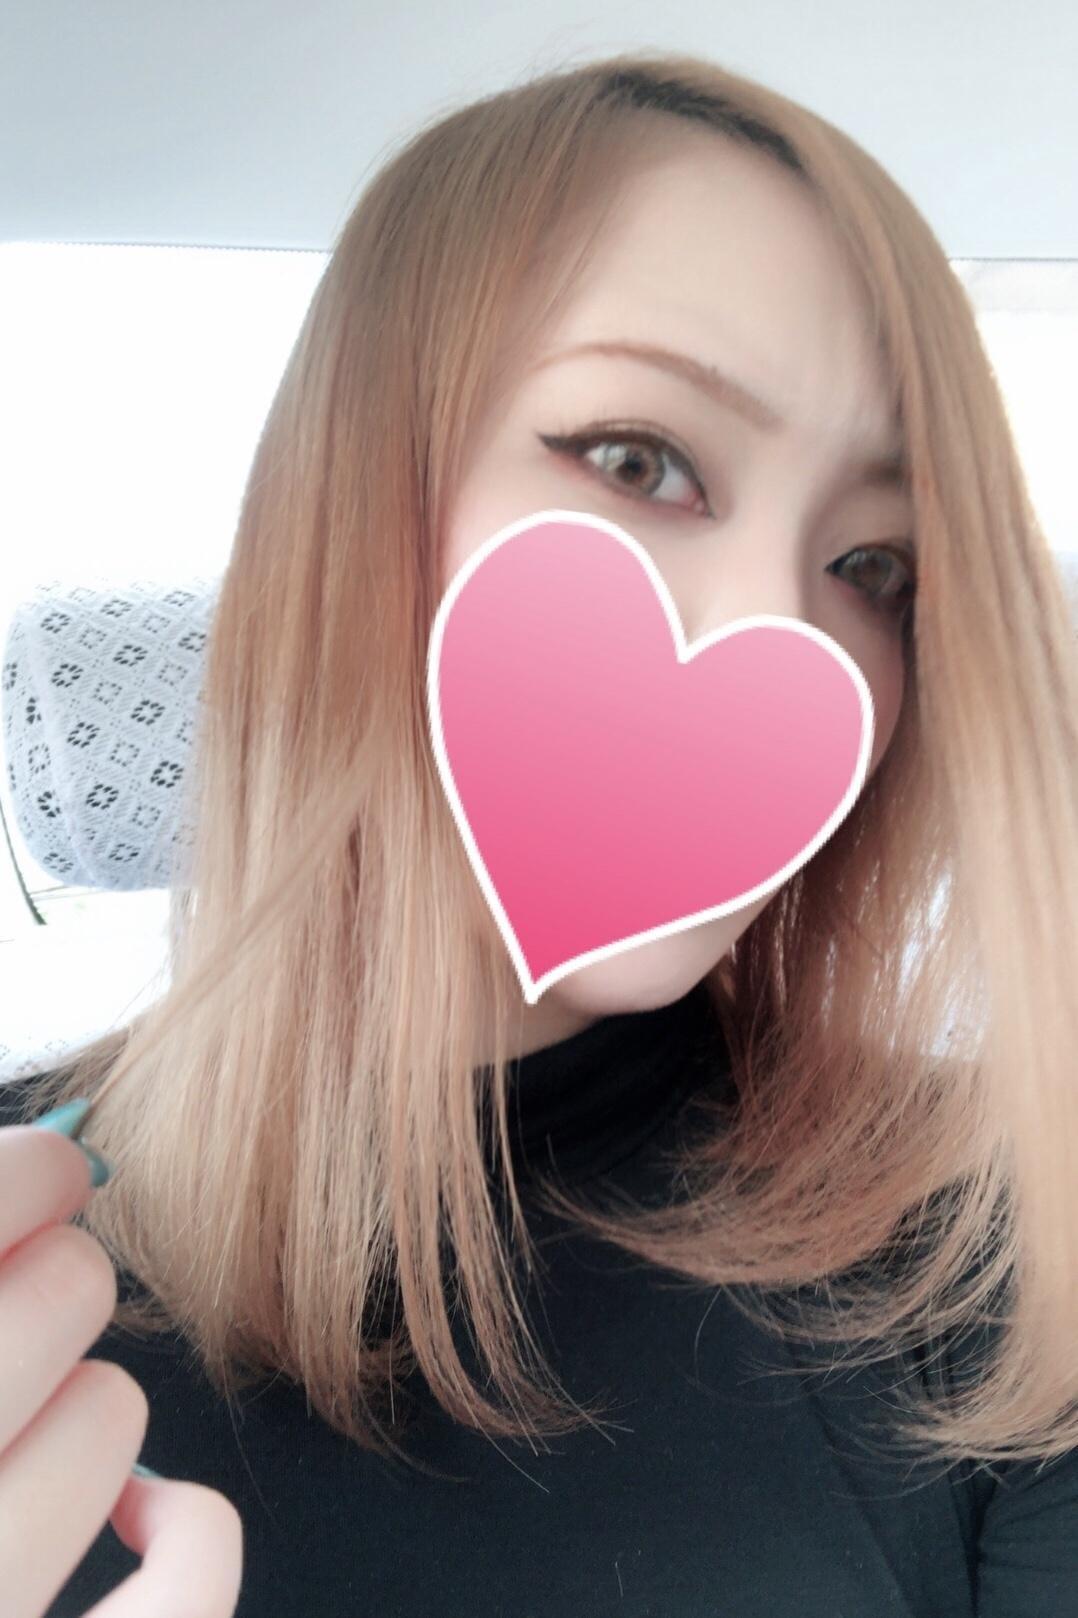 「ありがとう♡」05/27(日) 12:53 | マキ★の写メ・風俗動画